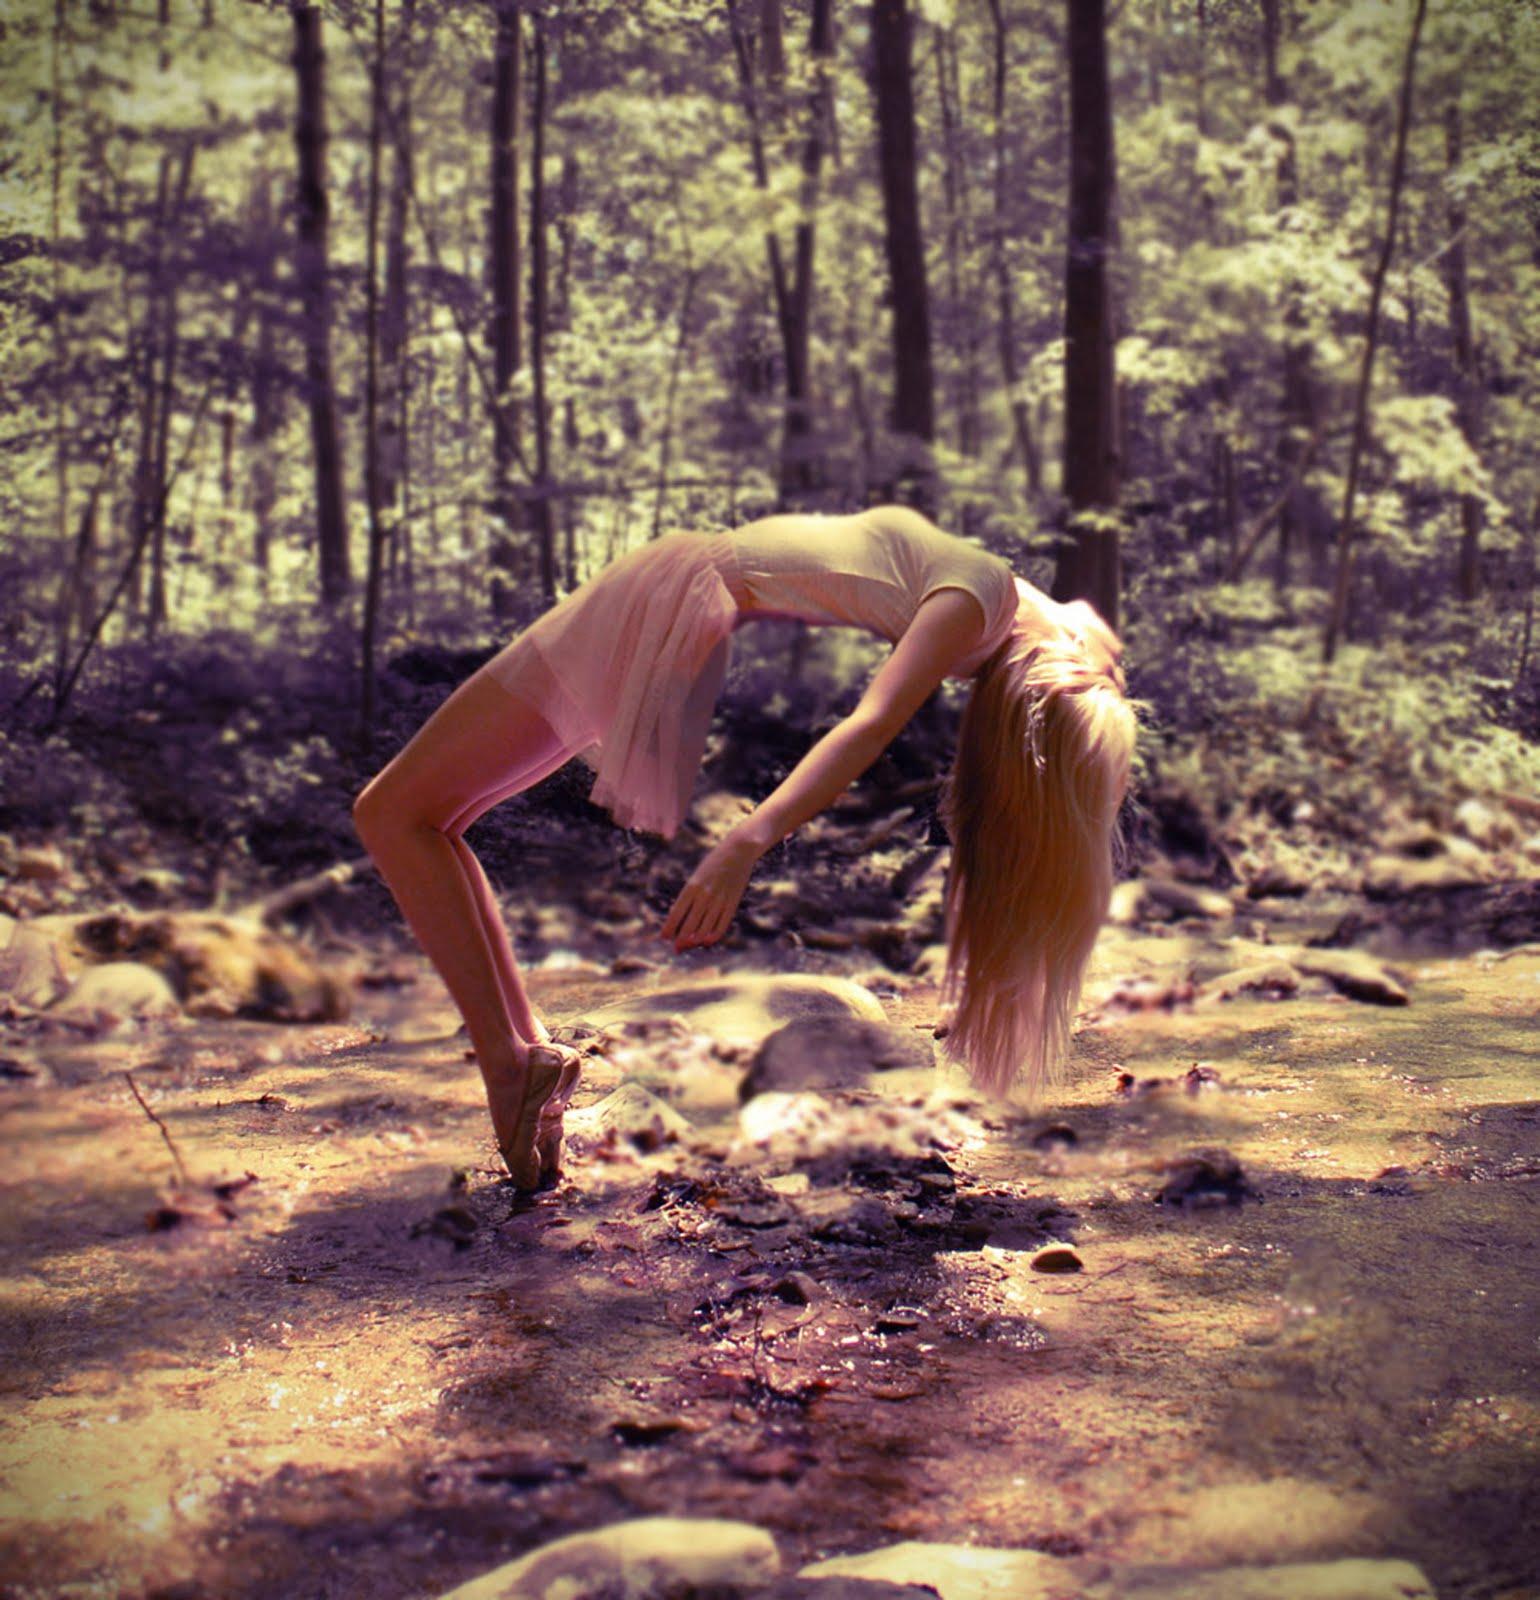 http://3.bp.blogspot.com/-cyYVgoK0lHY/TjpRK56e4PI/AAAAAAAAHxU/gZFnqU3Ph-Q/s1600/forest.jpg